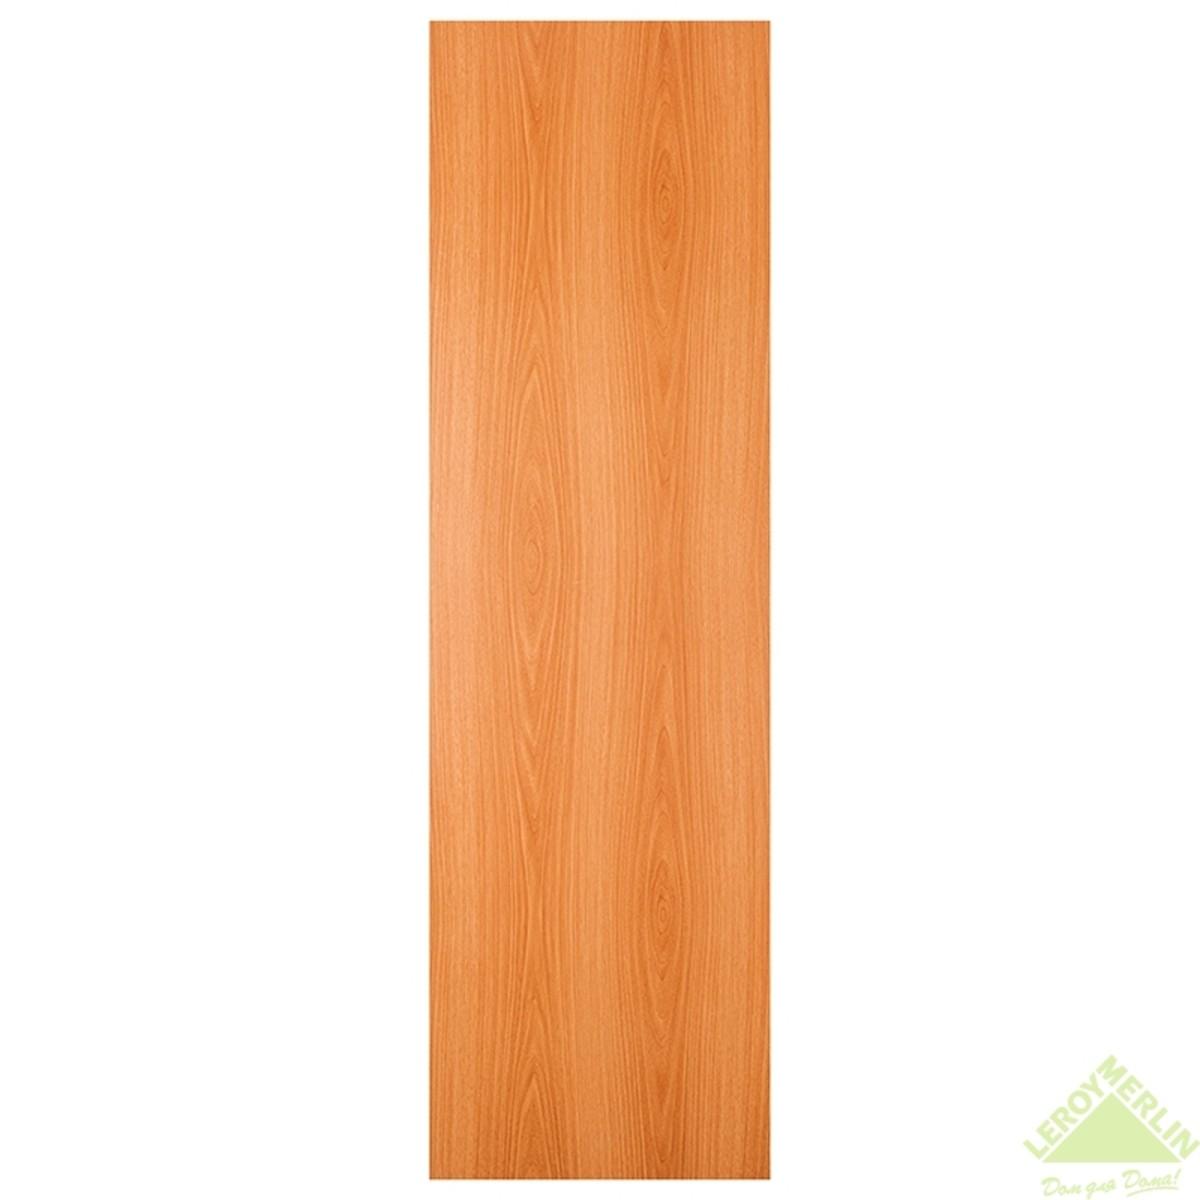 Дверь Межкомнатная Глухая 60x200 Ламинация Цвет Миланский Орех